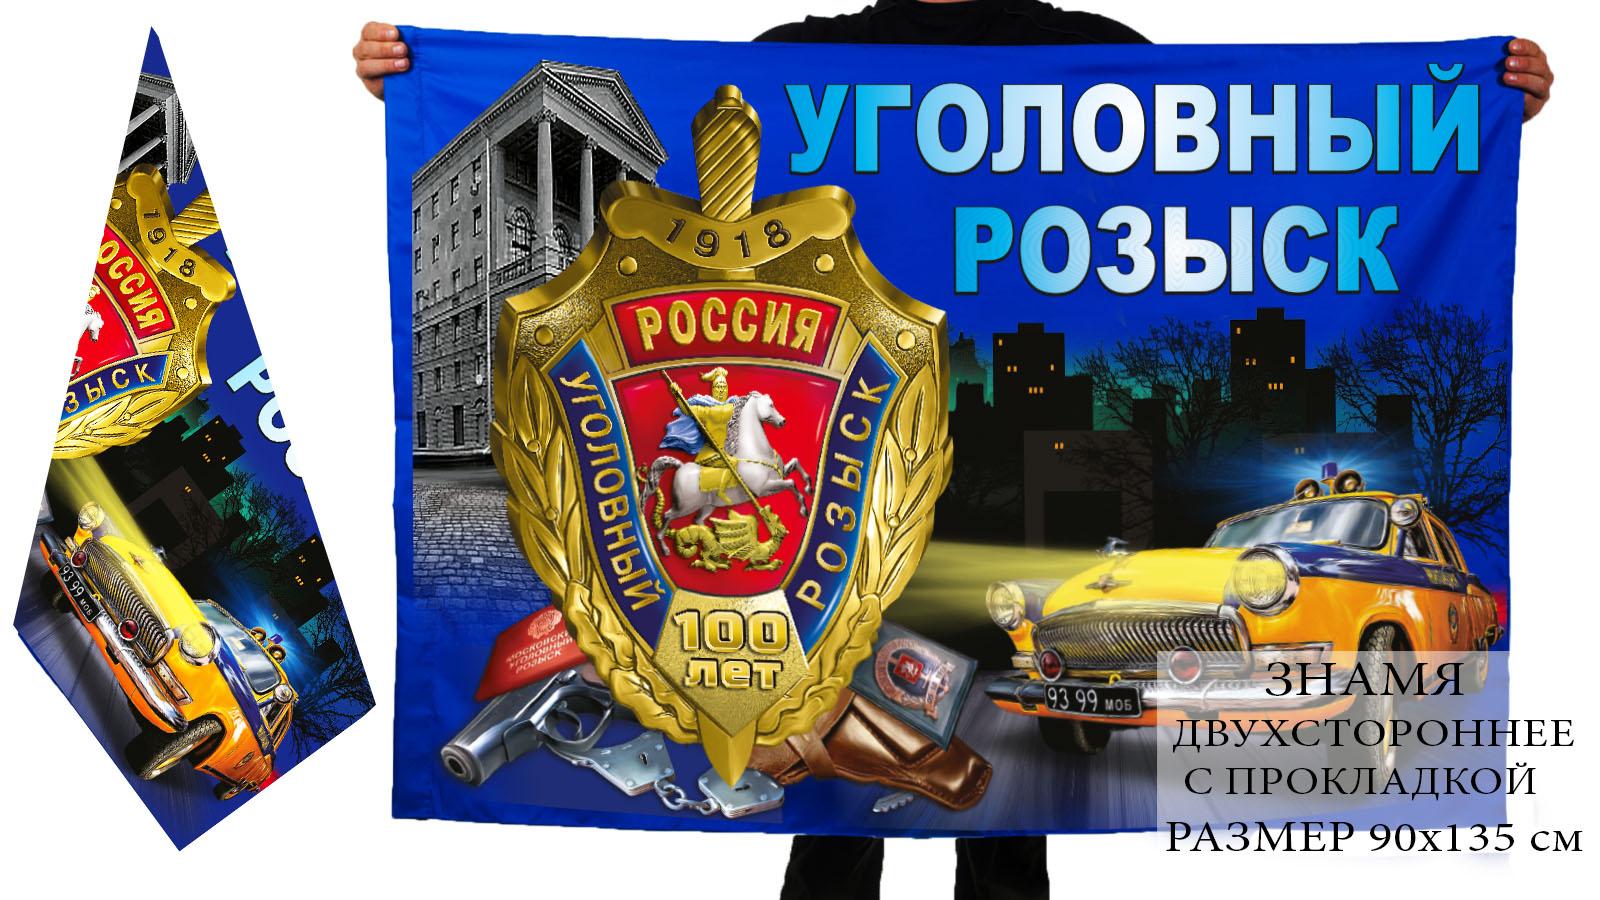 Открытки днем, открытки с 5 октября день уголовного розыска